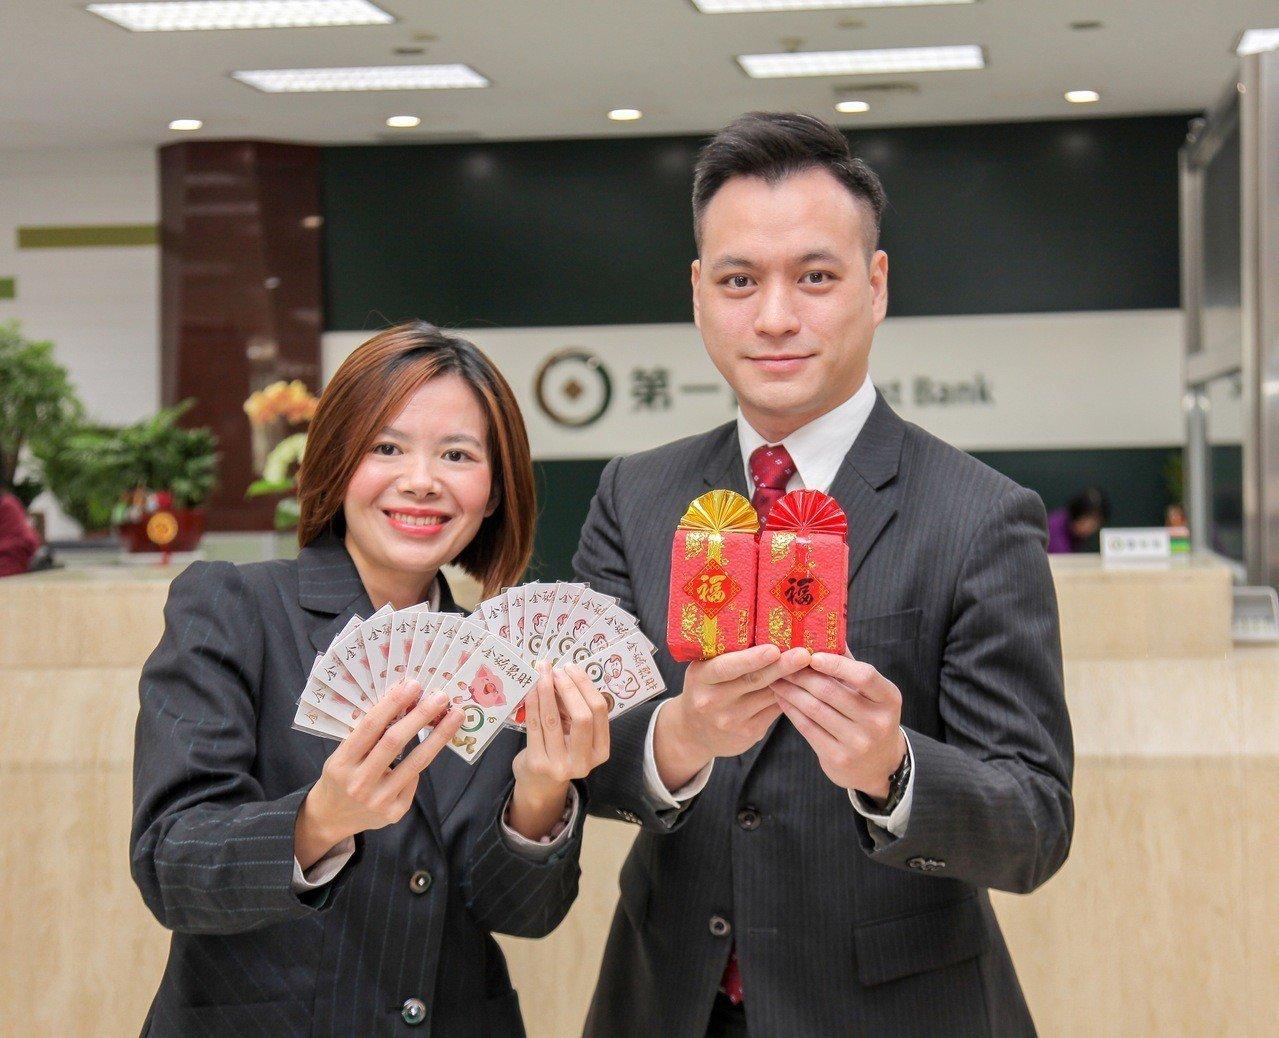 第一銀行準備祈福米與發財錢母提供給往來客戶,祝福客戶新年度好運發大財。圖/第一銀...